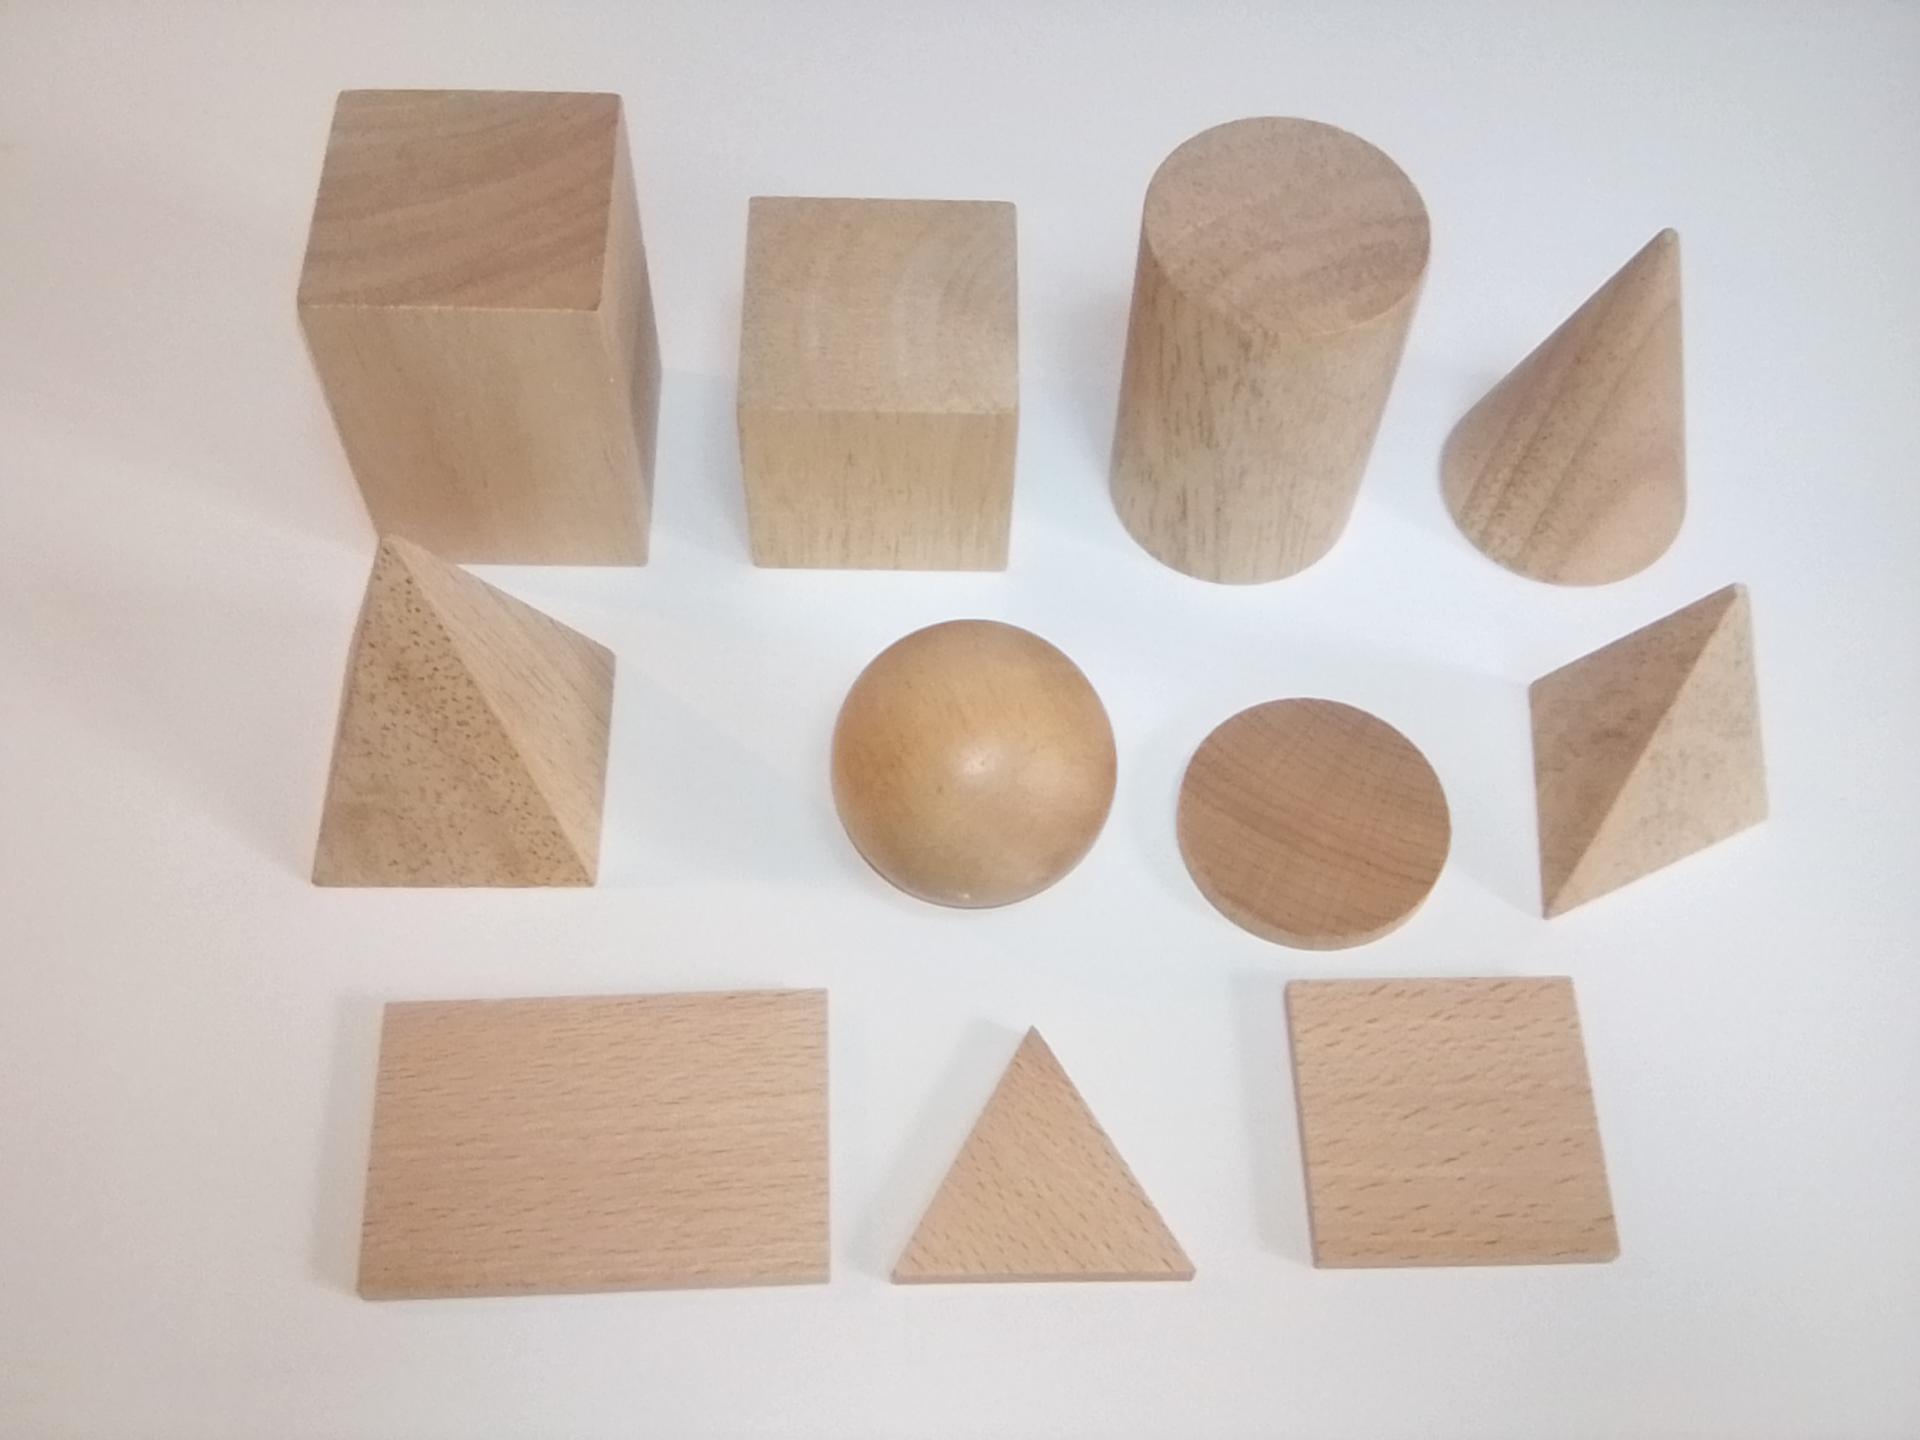 Formes géométriques diverses